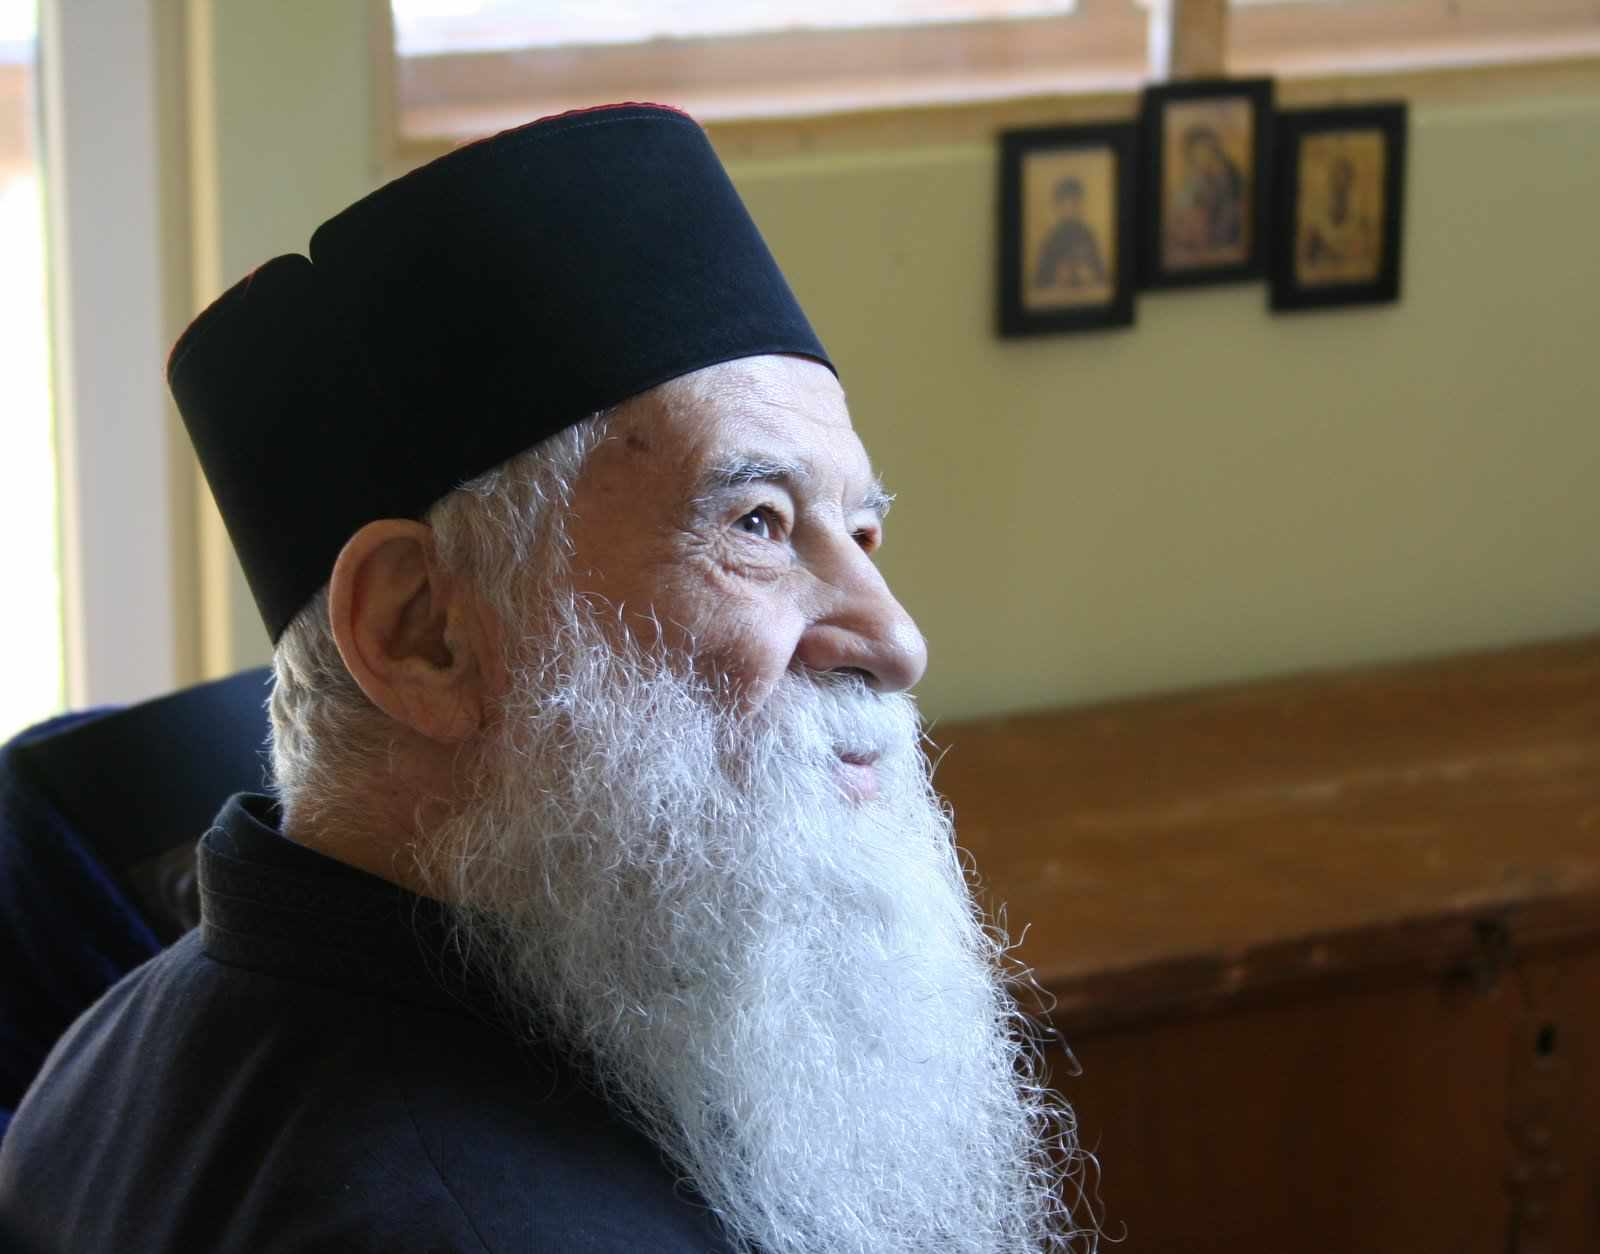 Părintele Gheorghe Calciu: Să nu sărim peste rugăciunea de dimineață! Prin ea Îi cerem lui Dumnezeu să ne apere de ispite, de mânie, de accidente